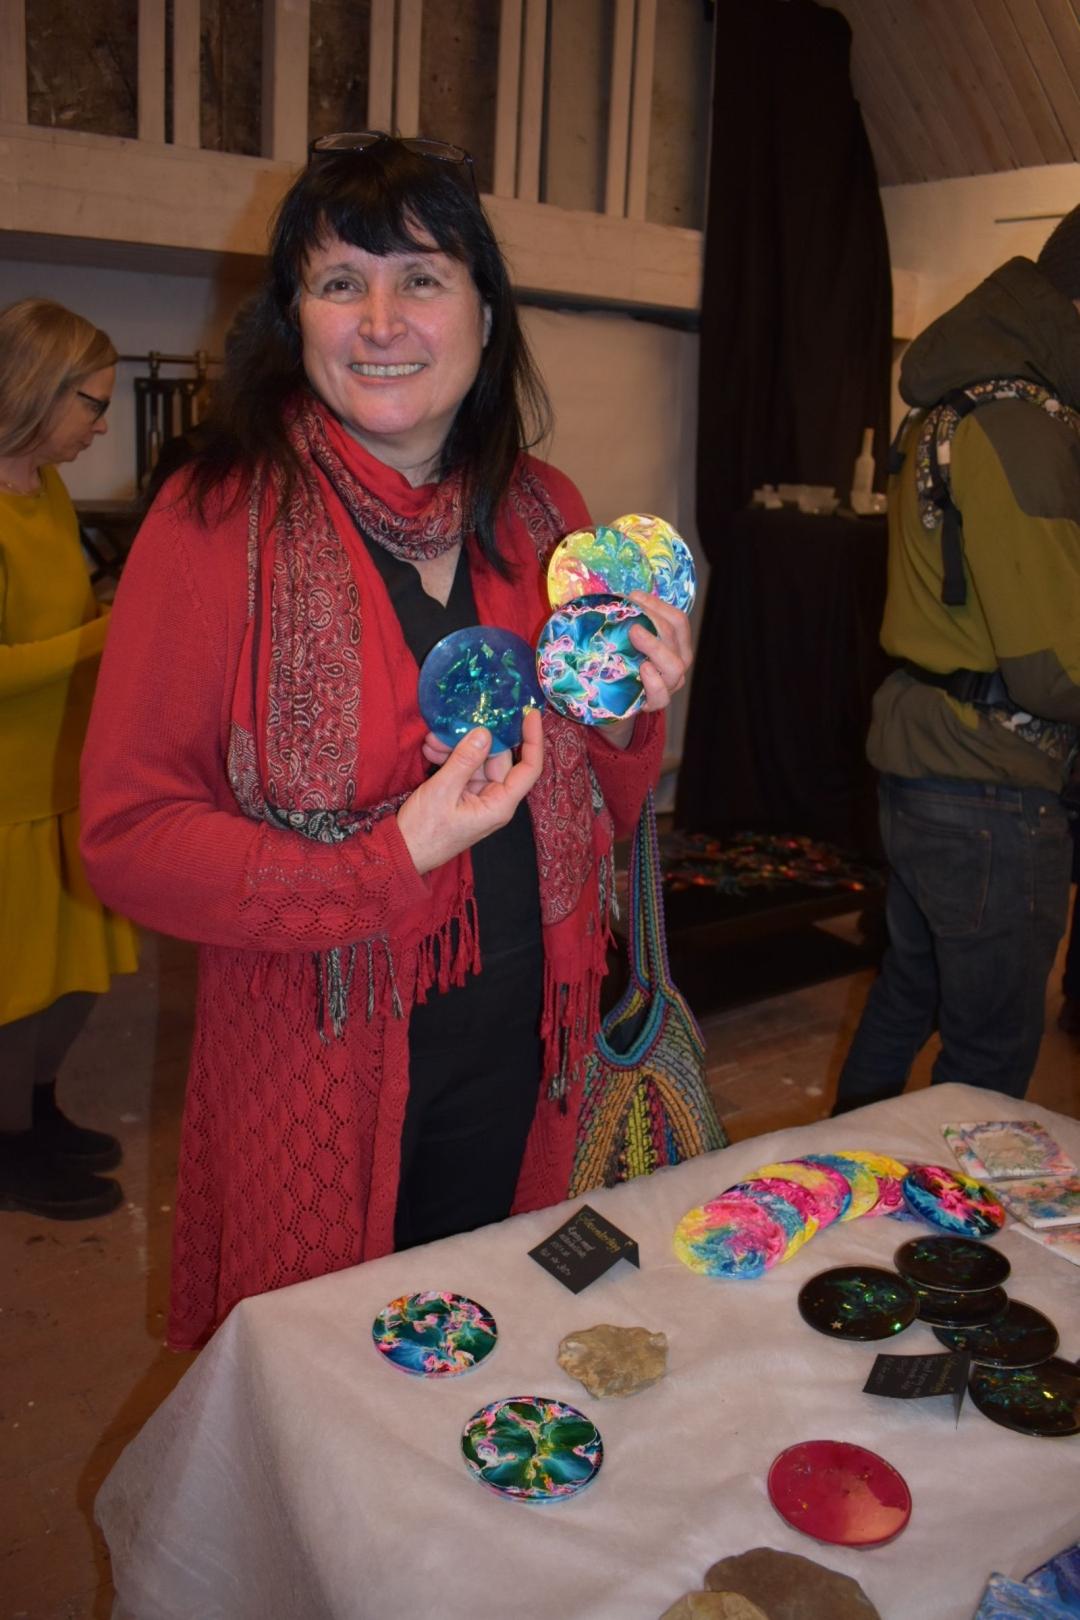 Glasunderlägg, vissa dekorerade med gamla cd-skivor. För Ana Gaines är återvinning en viktig del.